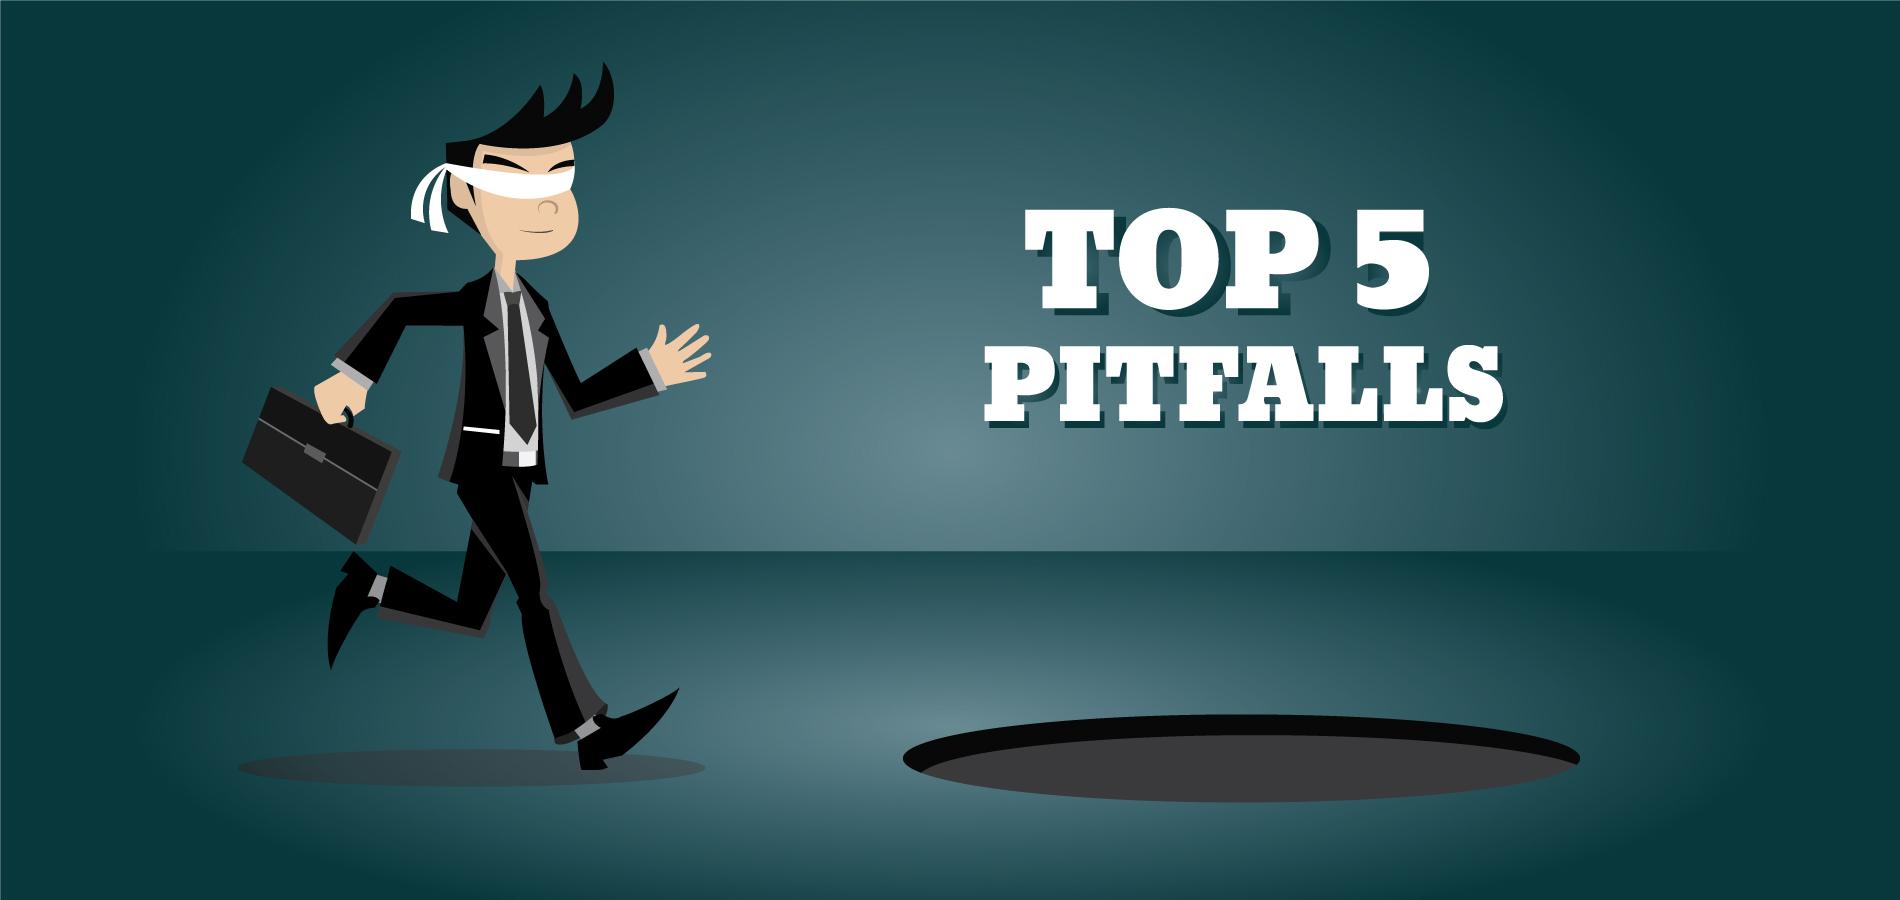 Top 5 Pitfalls.png